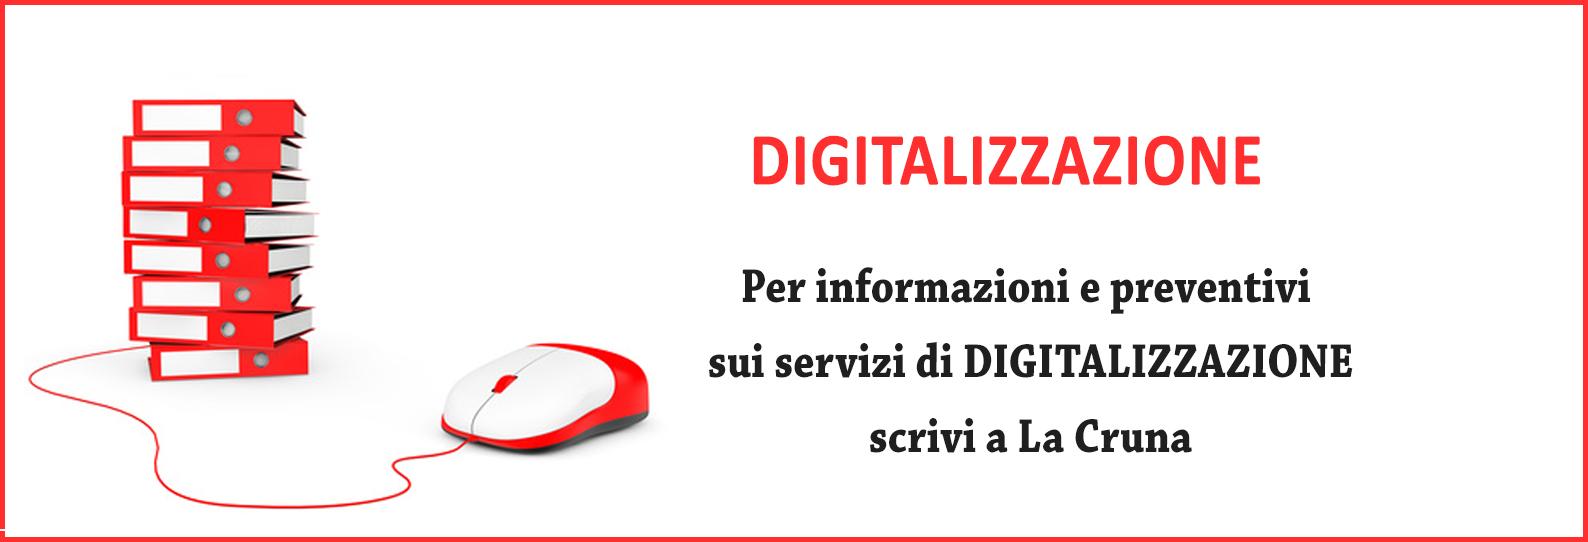 LaCruna_sito pll_banner_digitalizzazione